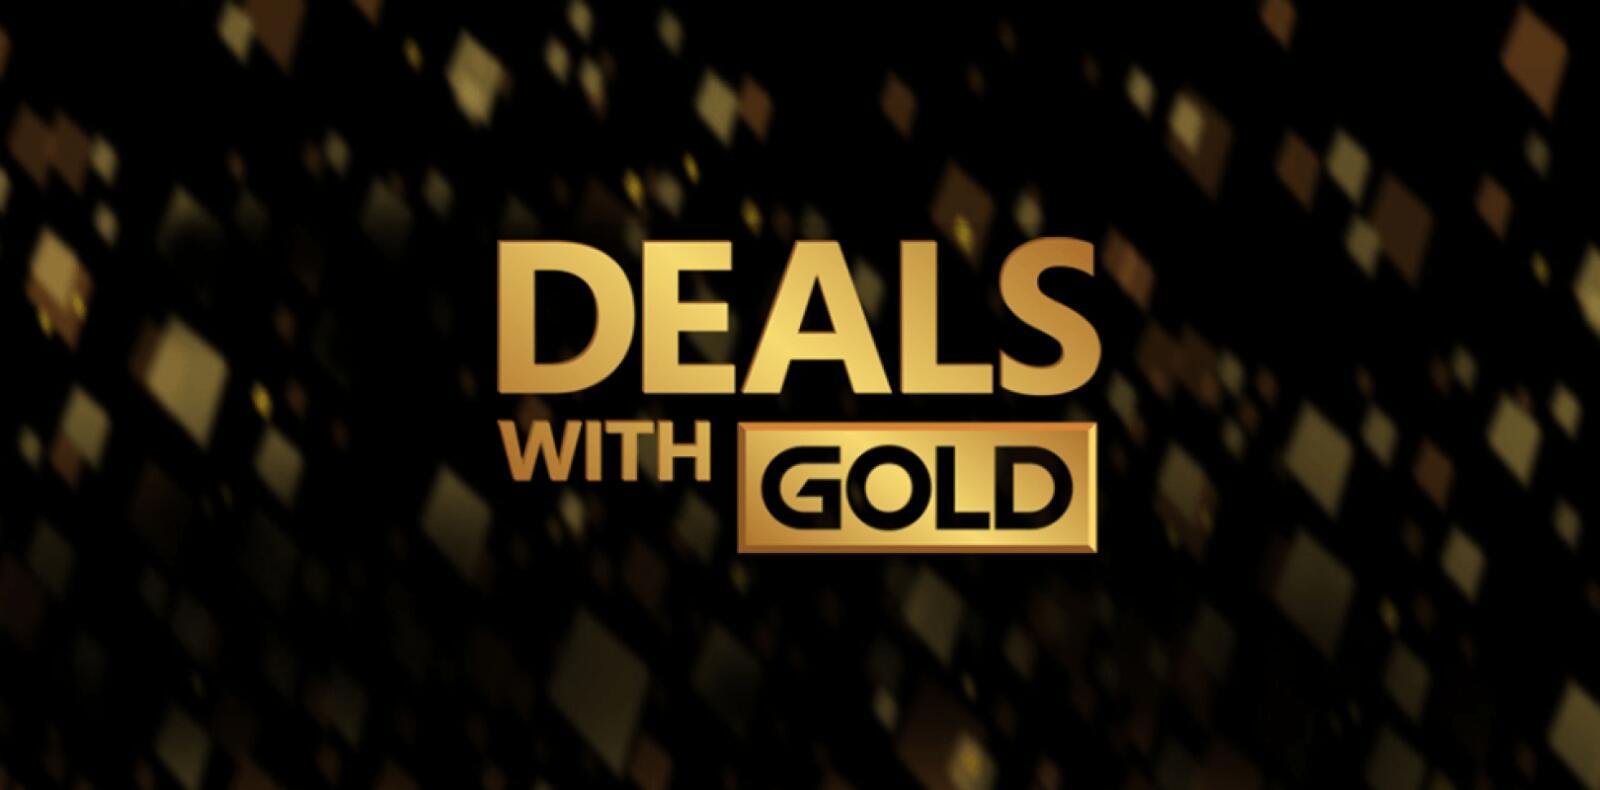 Xbox: Deals With Gold semana del 9 al 16 de febrero de 2021